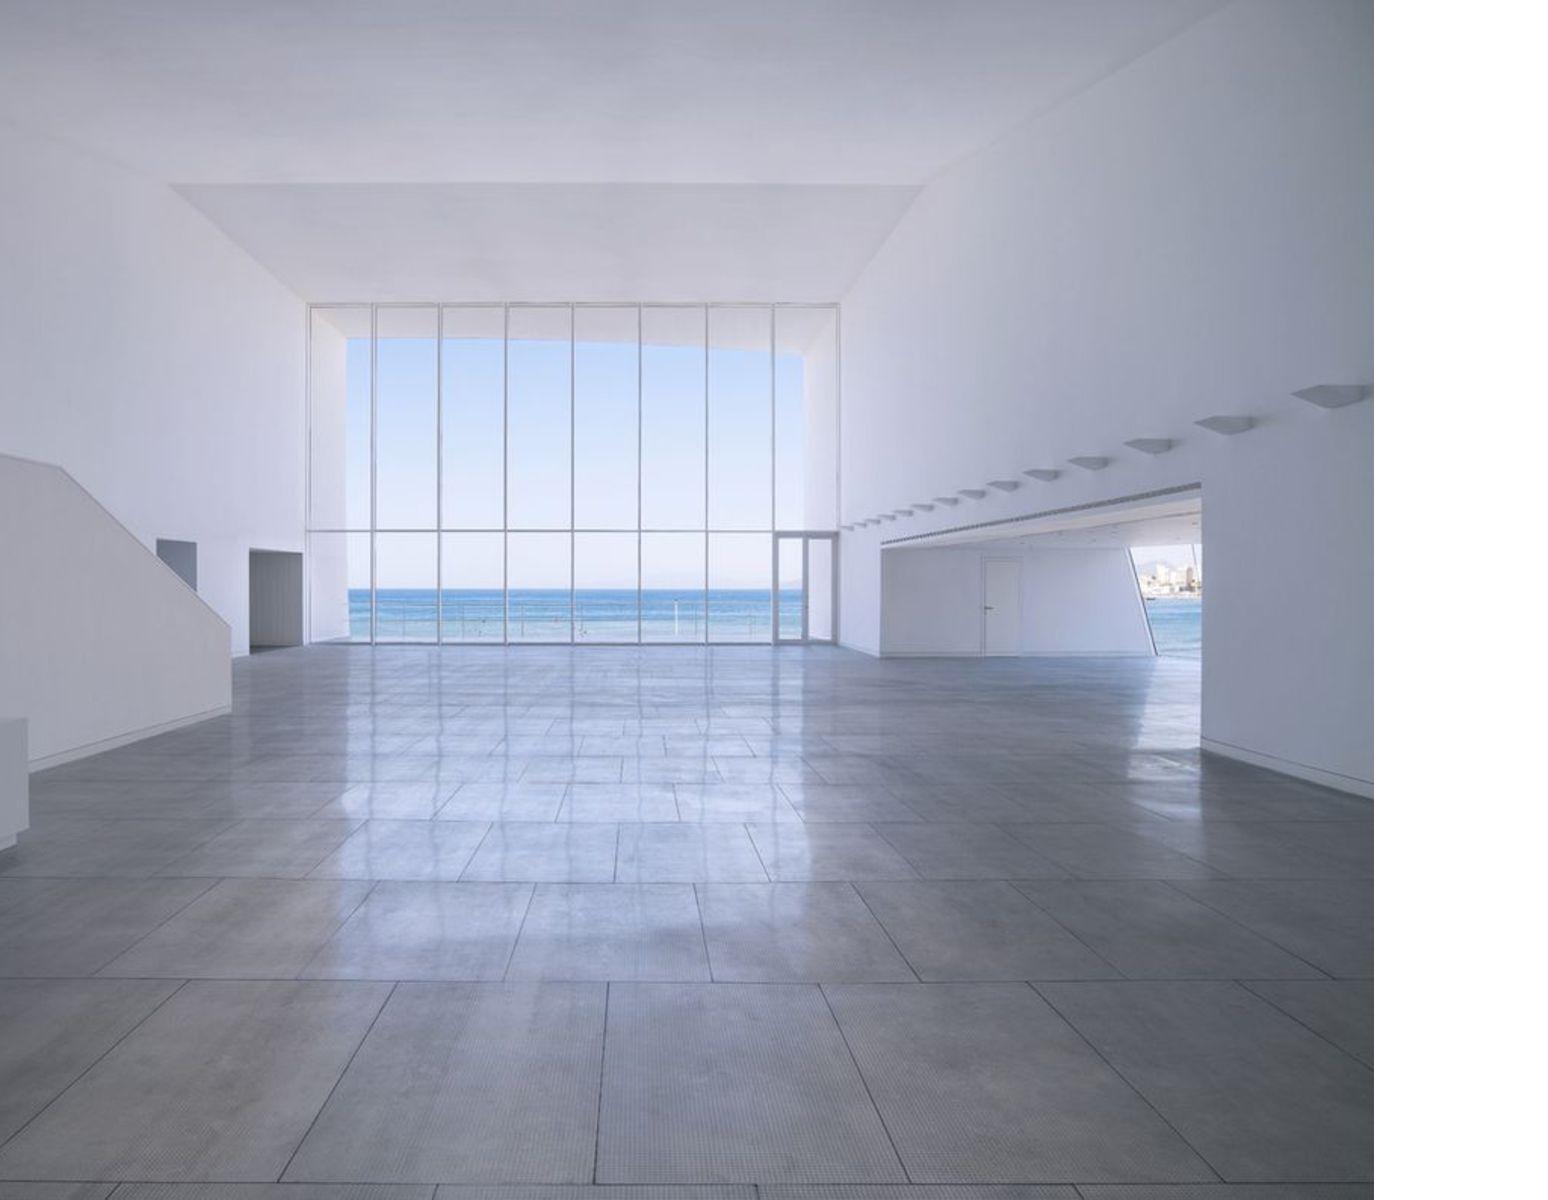 Barozzi Veiga: auditorium in Aguilas   Floornature